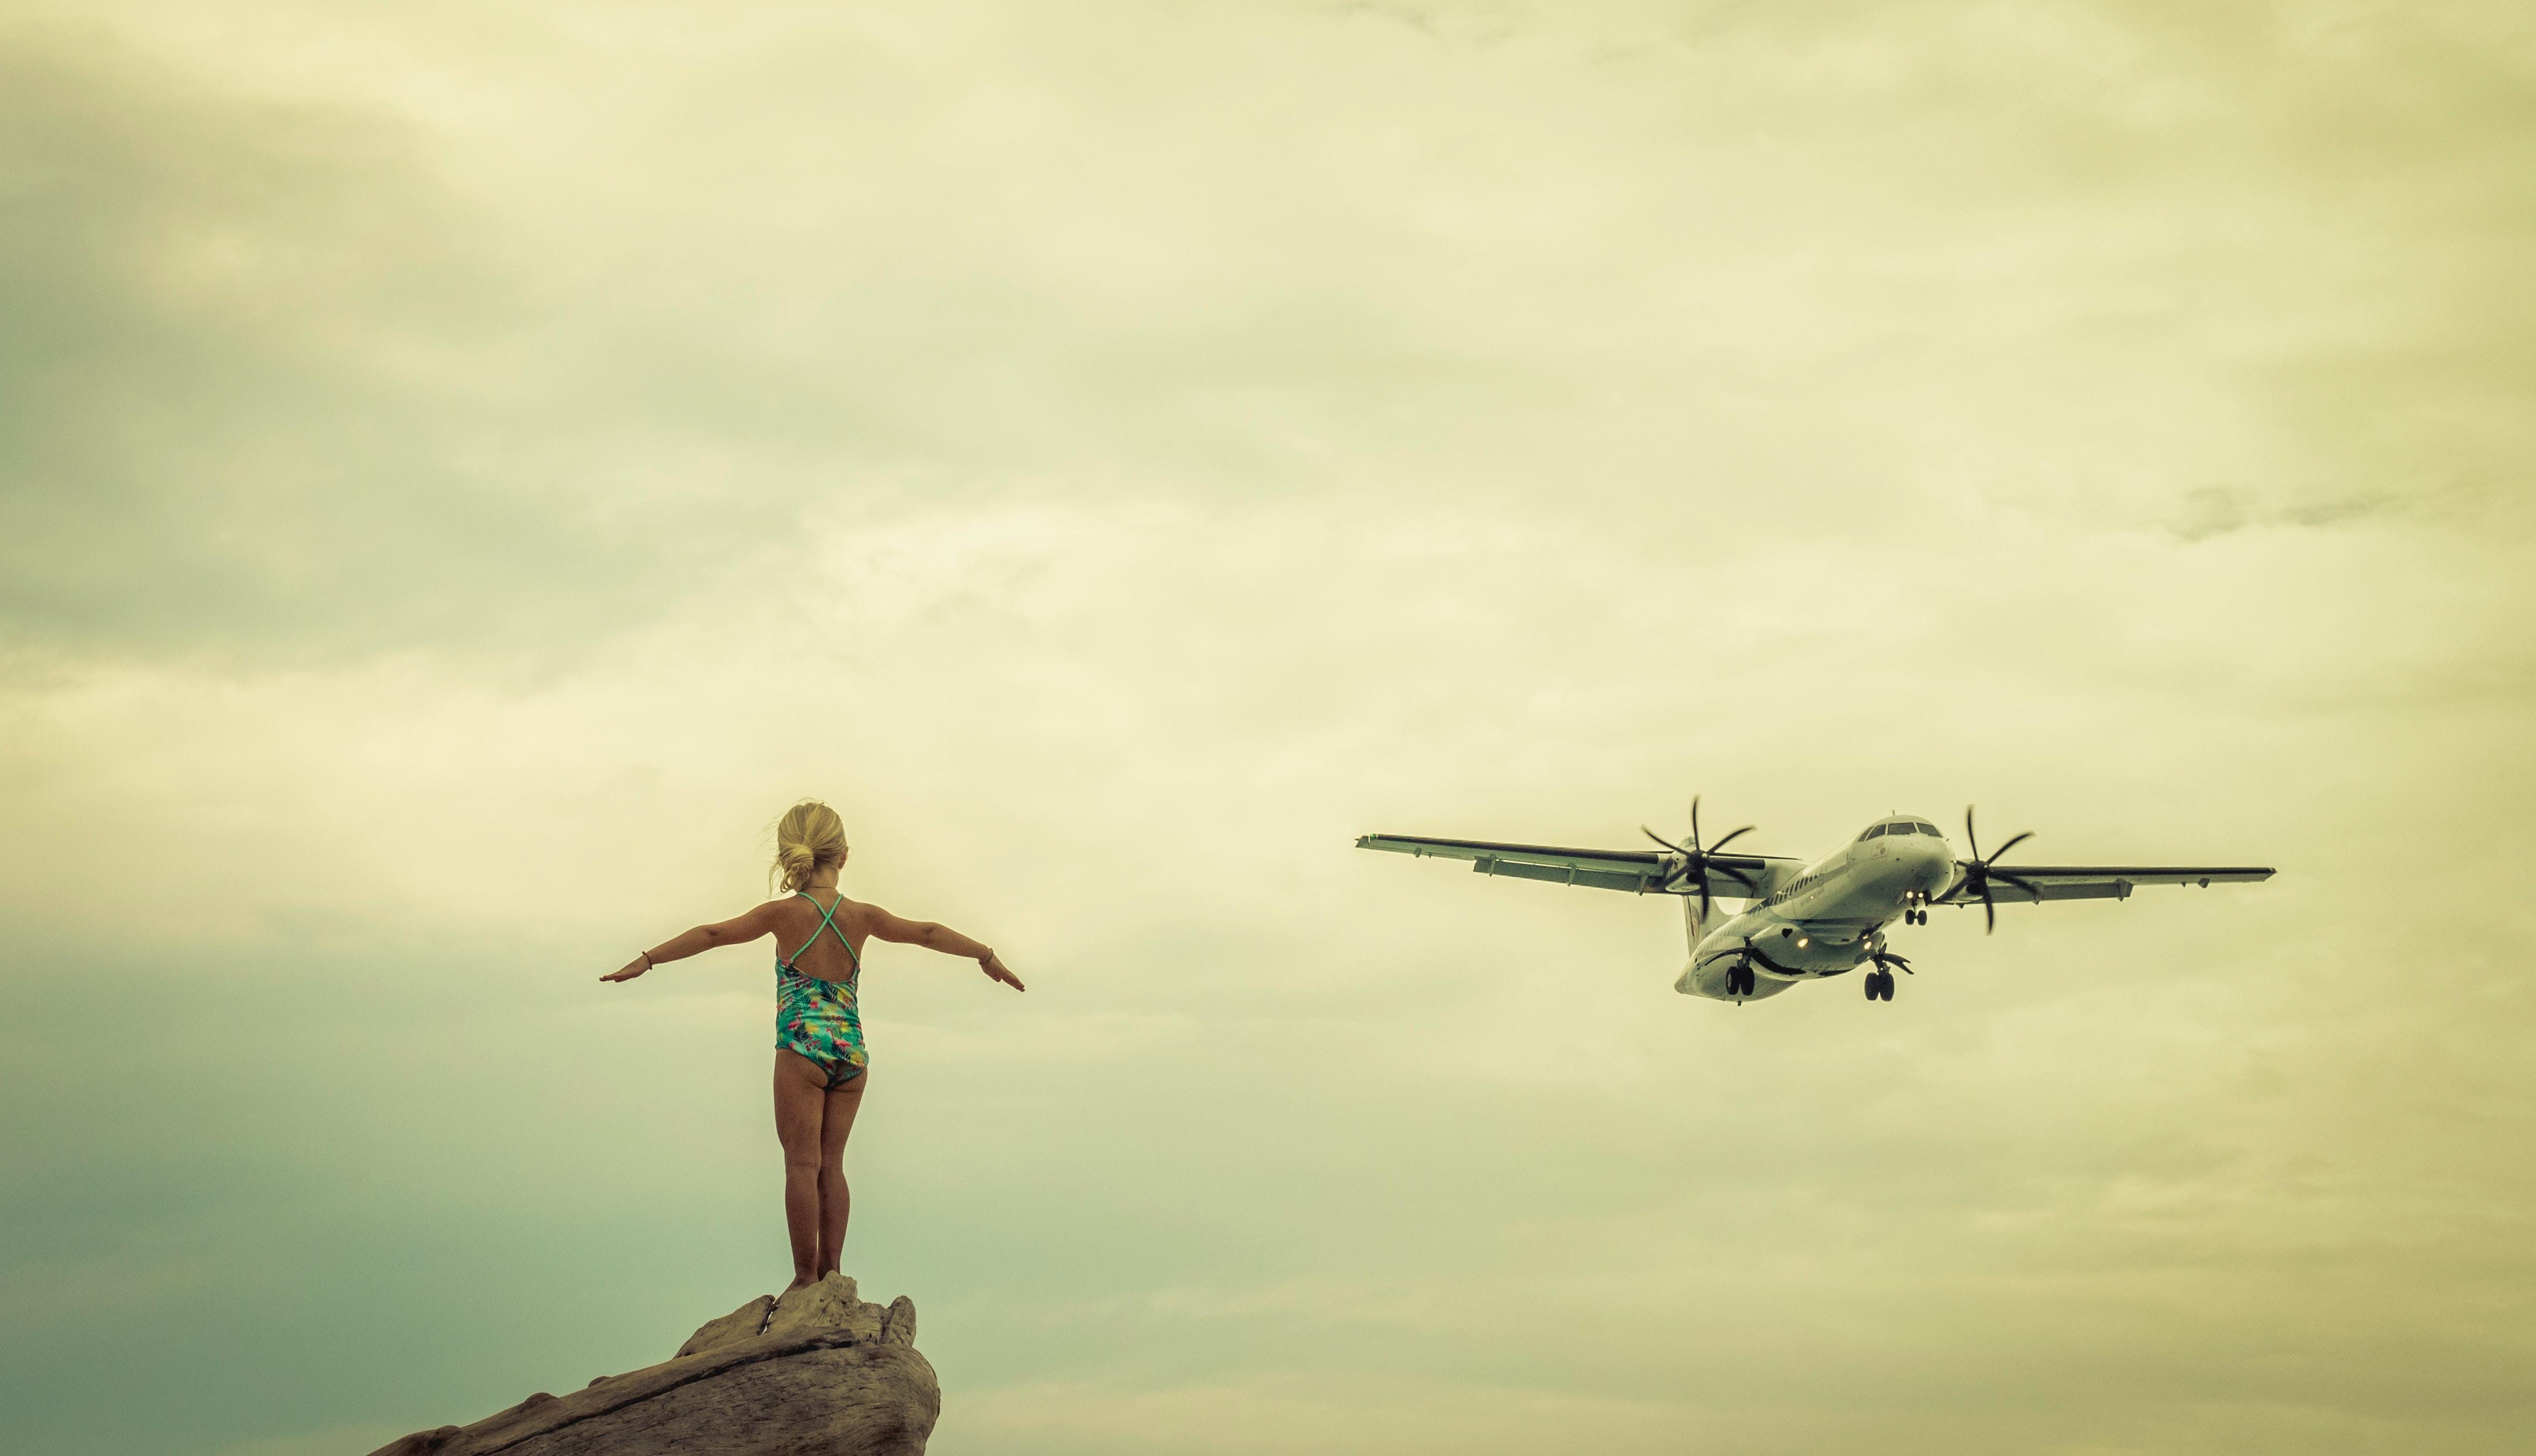 Liten flicka och flygplan